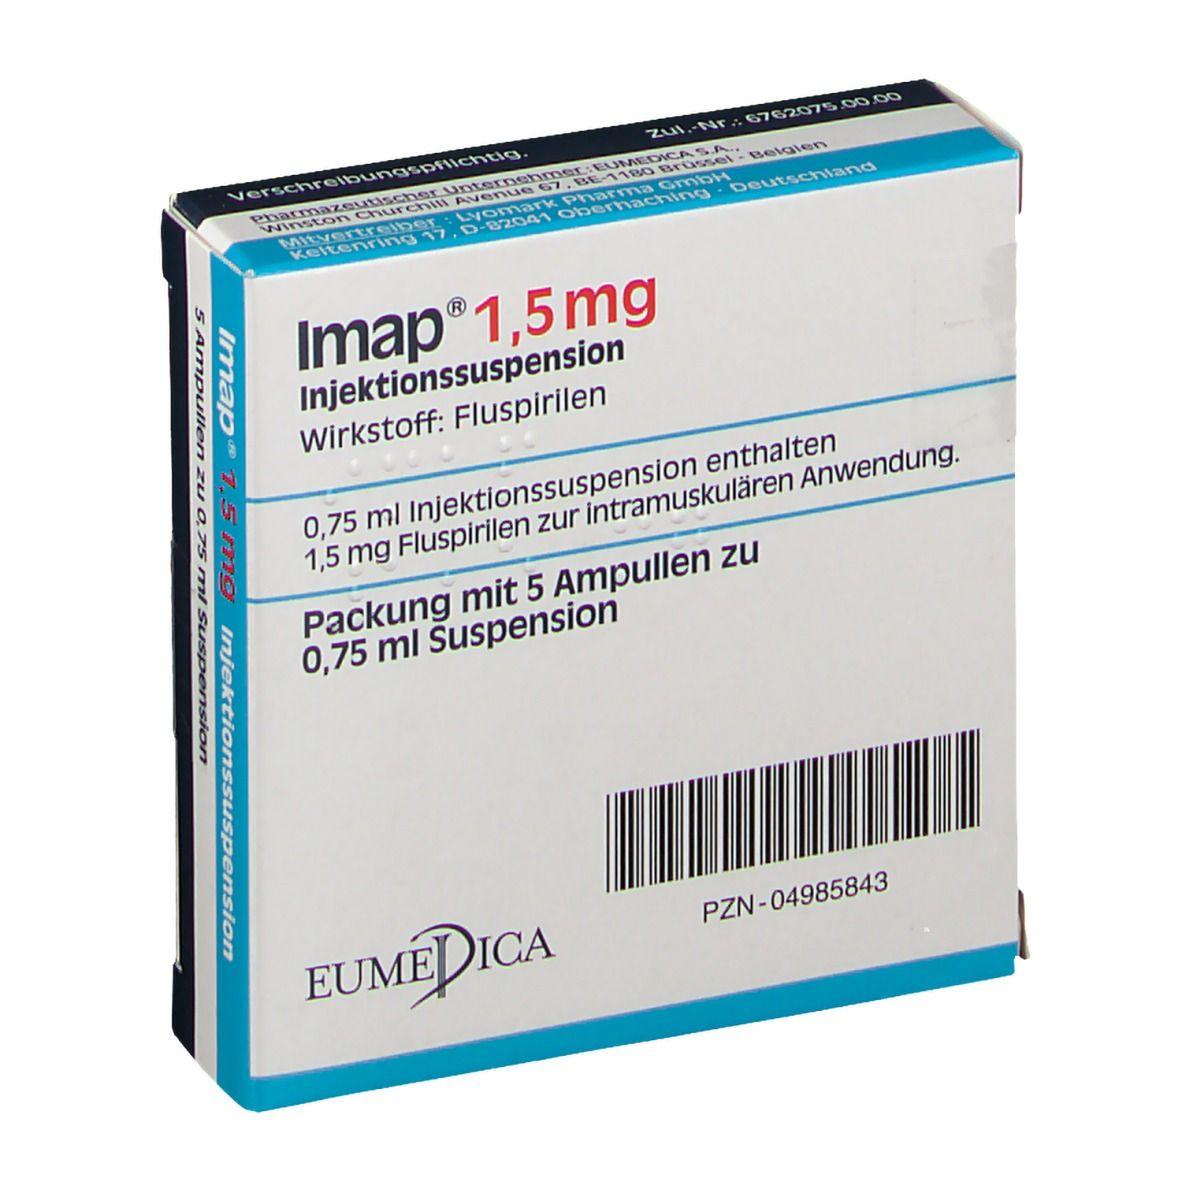 Fluspi spritze | FLUSPIRILEN (IMAP U.A.)